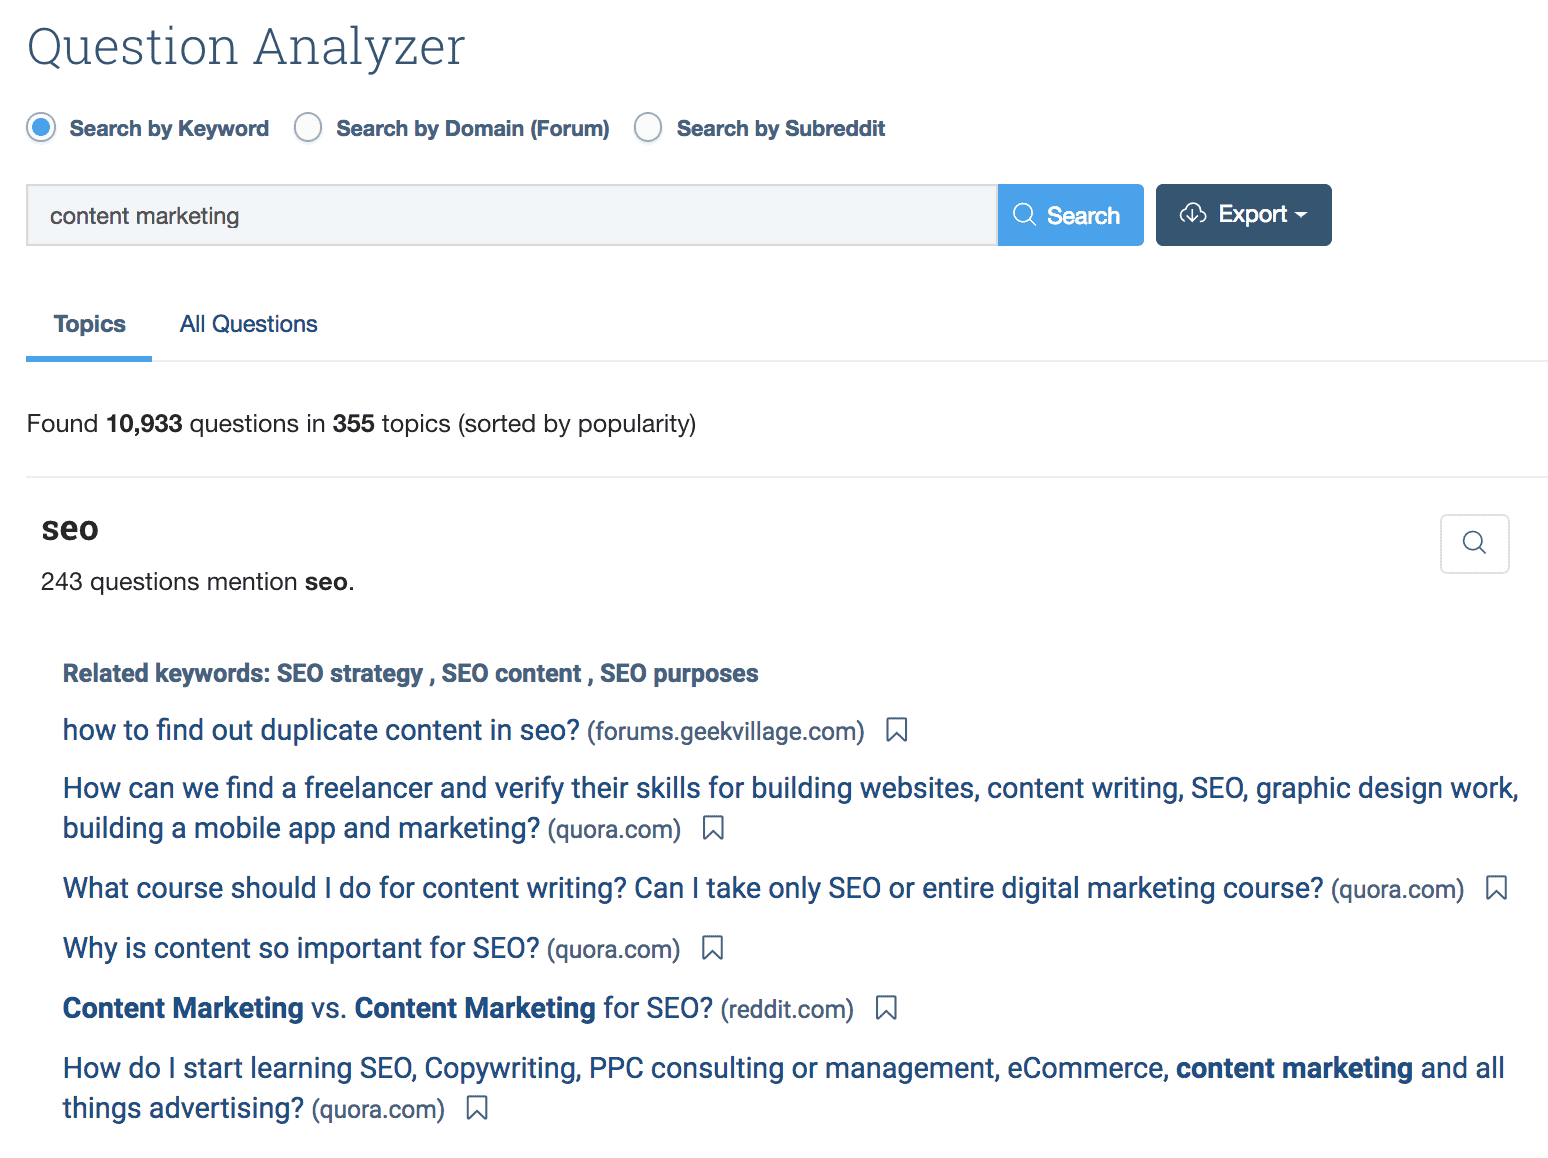 BuzzSumo Question Analyzer